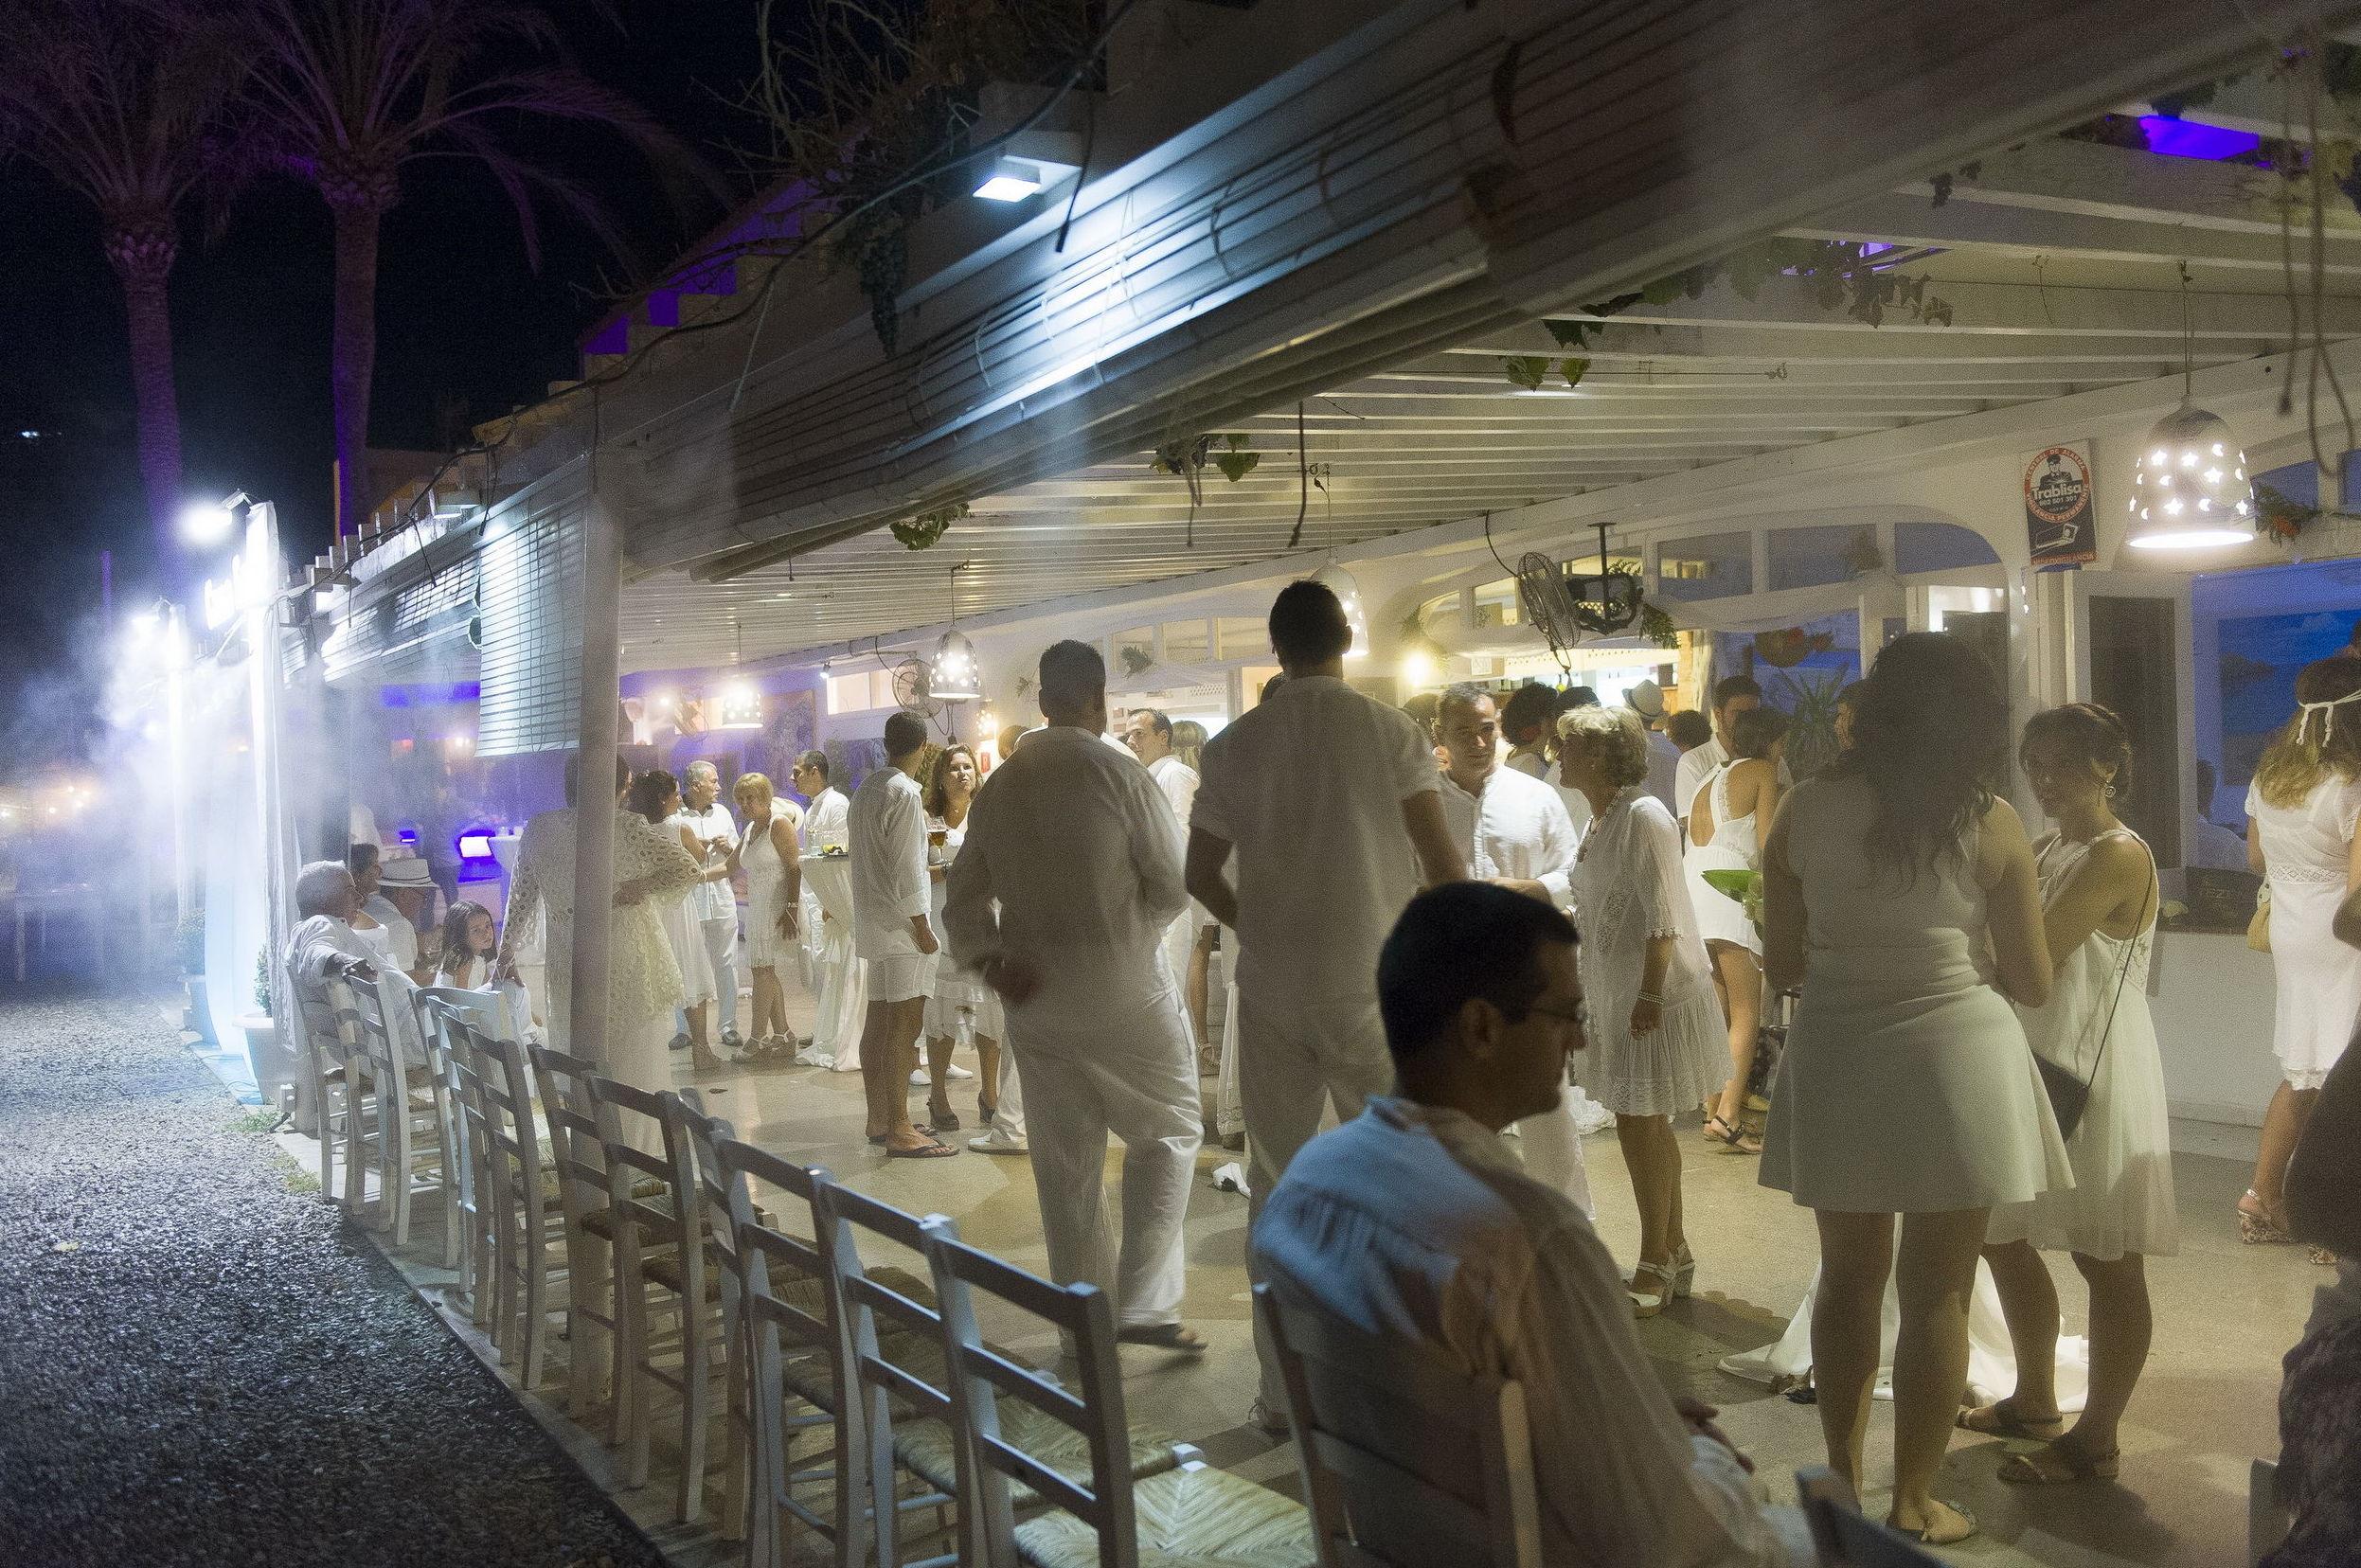 Fiestas ibicencas a orilla del mar